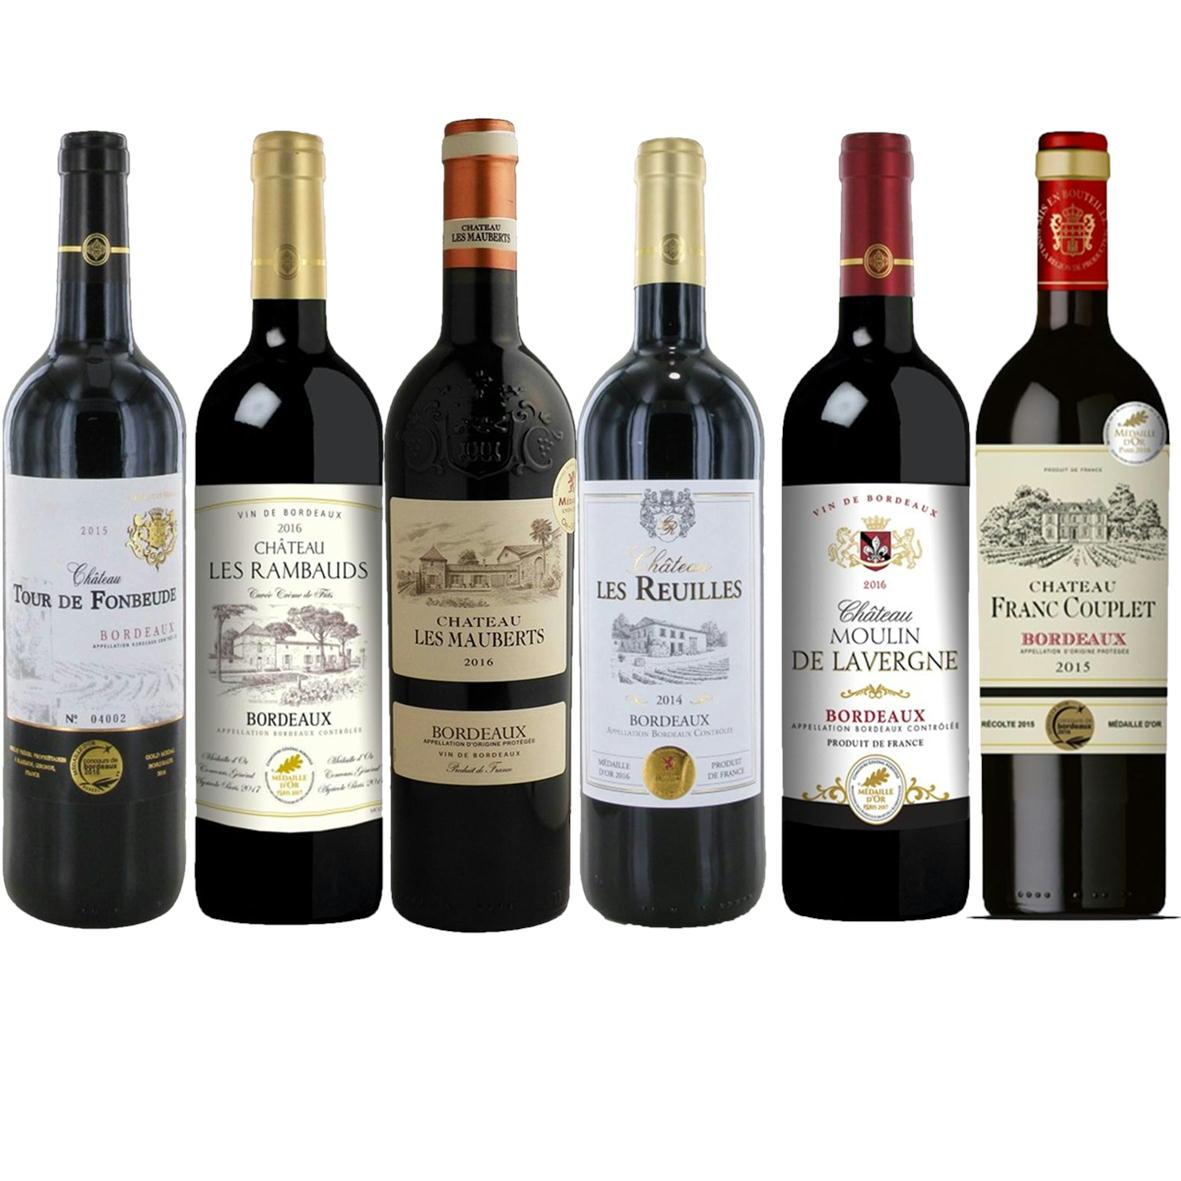 当店専属ソムリエが選んだフランスボルドー金賞受賞ワイン赤6本セット ダブルゴールド受賞ワイン含む